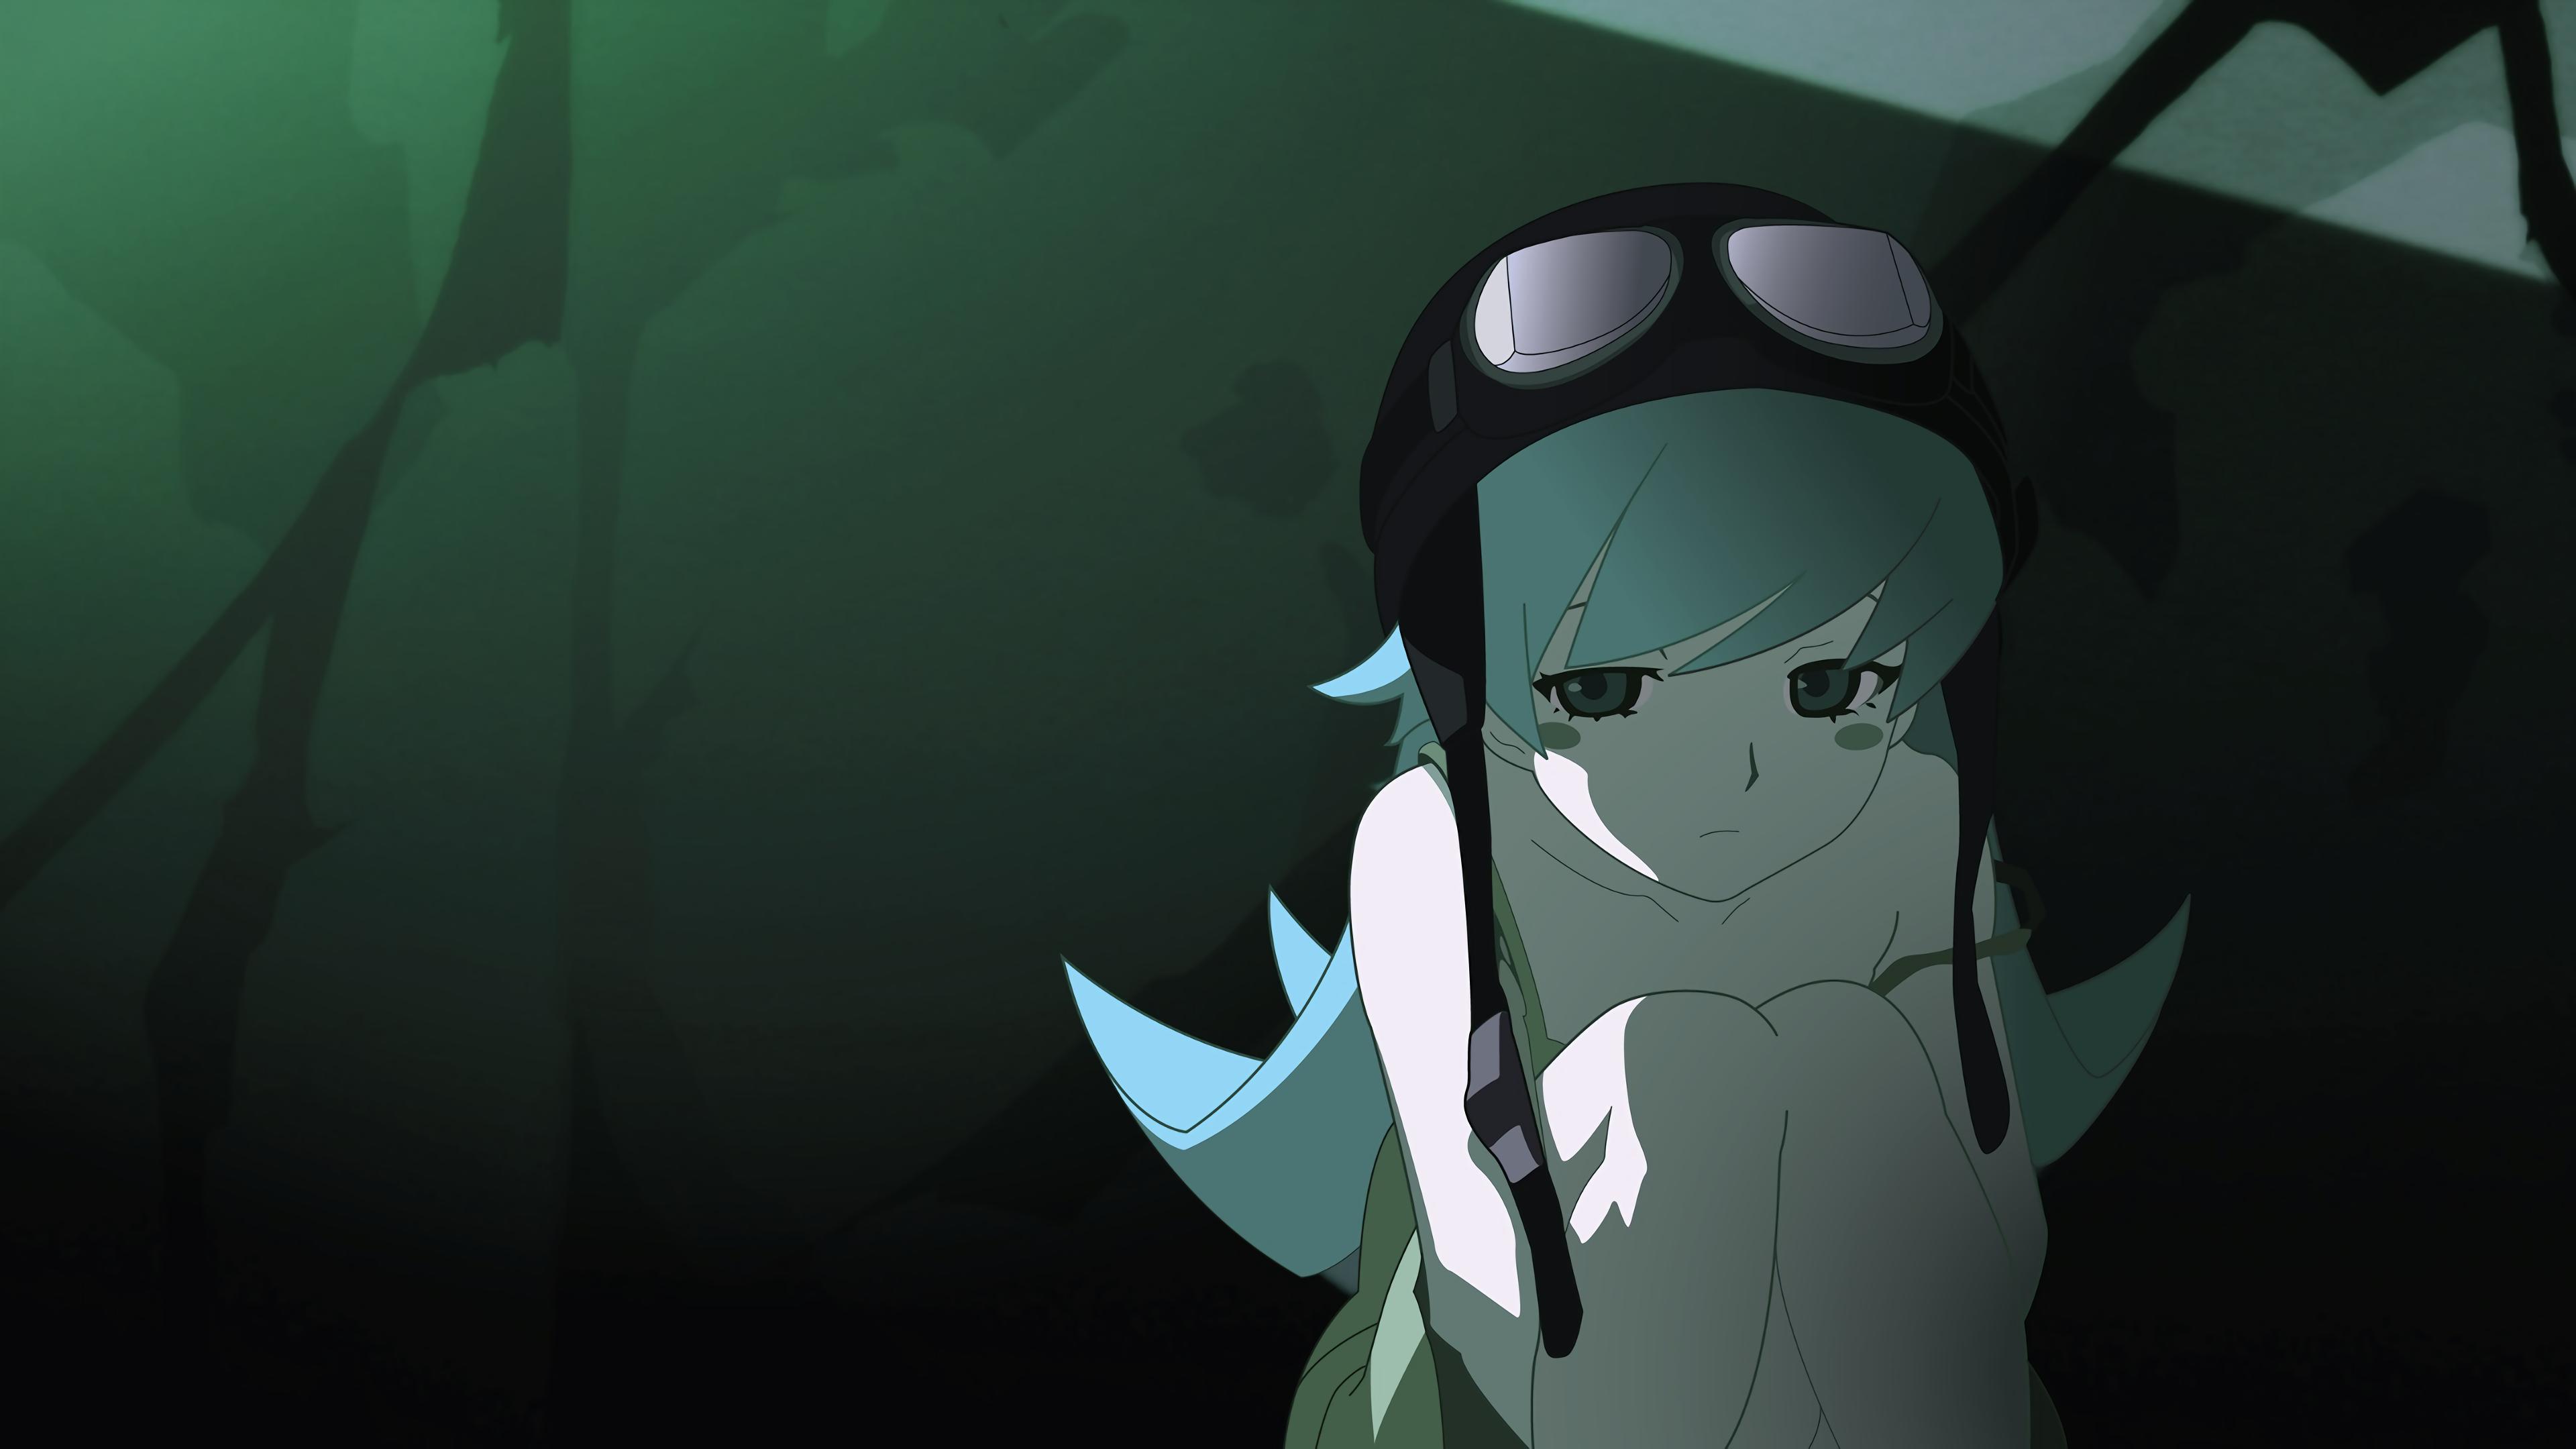 デスクトップ壁紙 図 ブロンド 長い髪 物語シリーズ アニメの